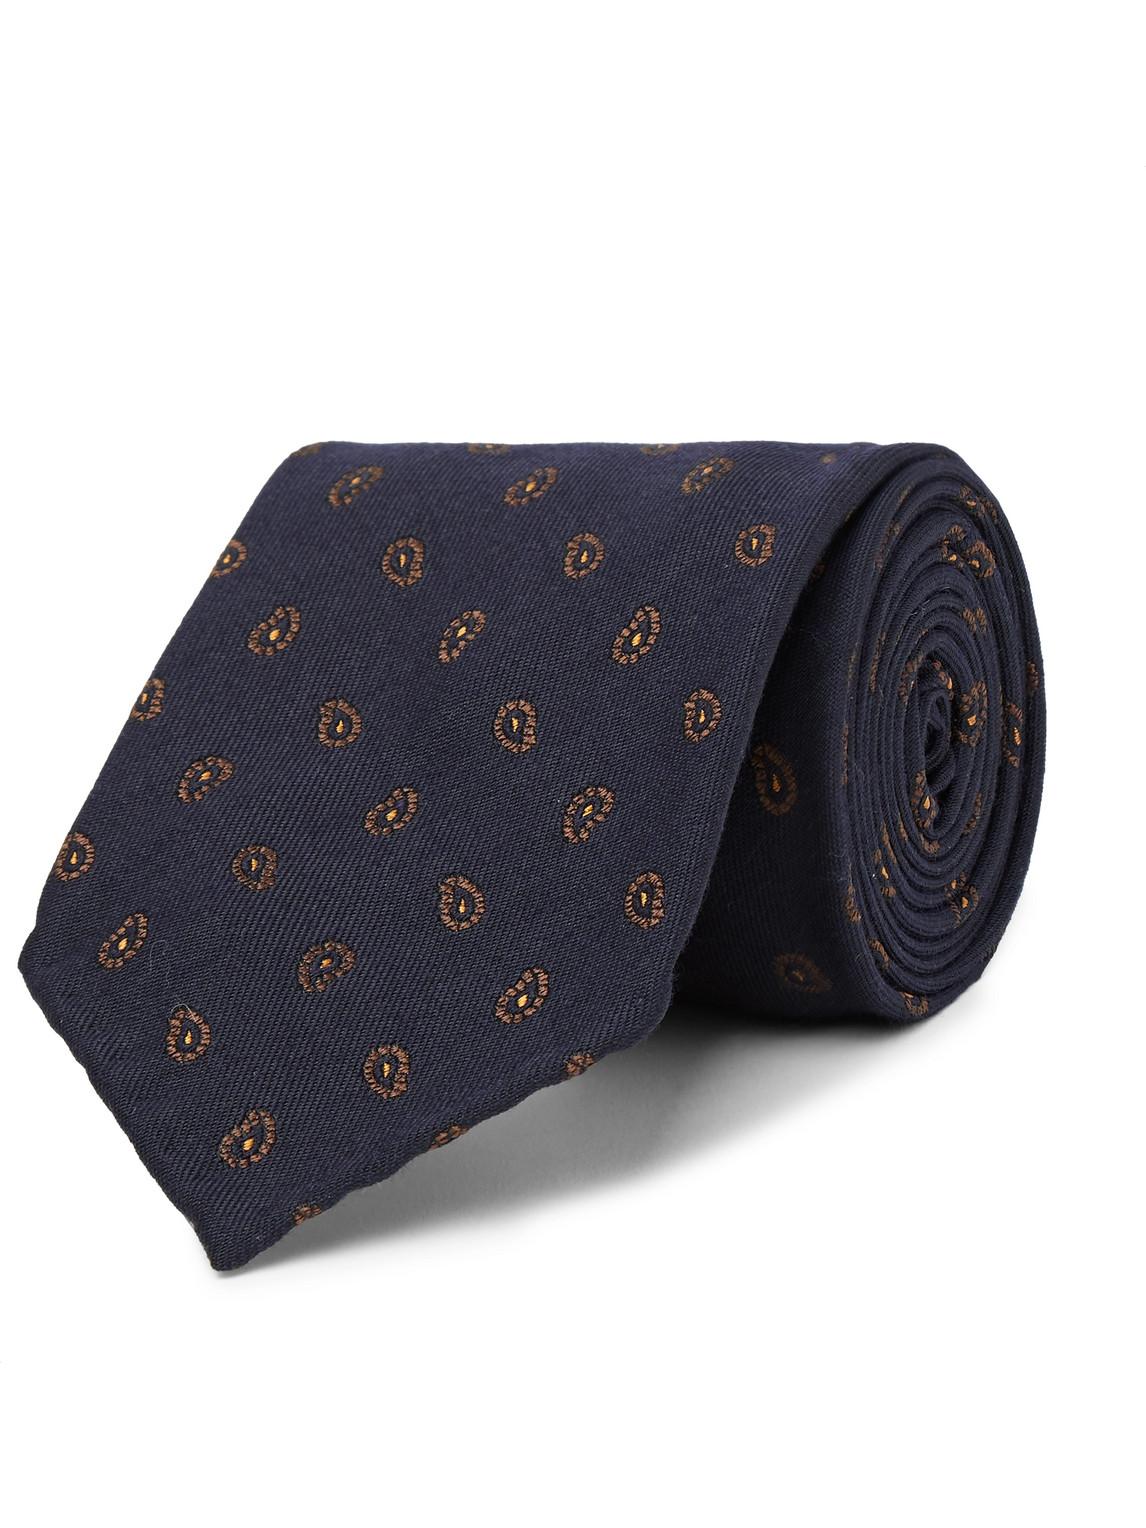 thom sweeney - 7.5cm paisley-print virgin wool and silk-blend tie - men - blue